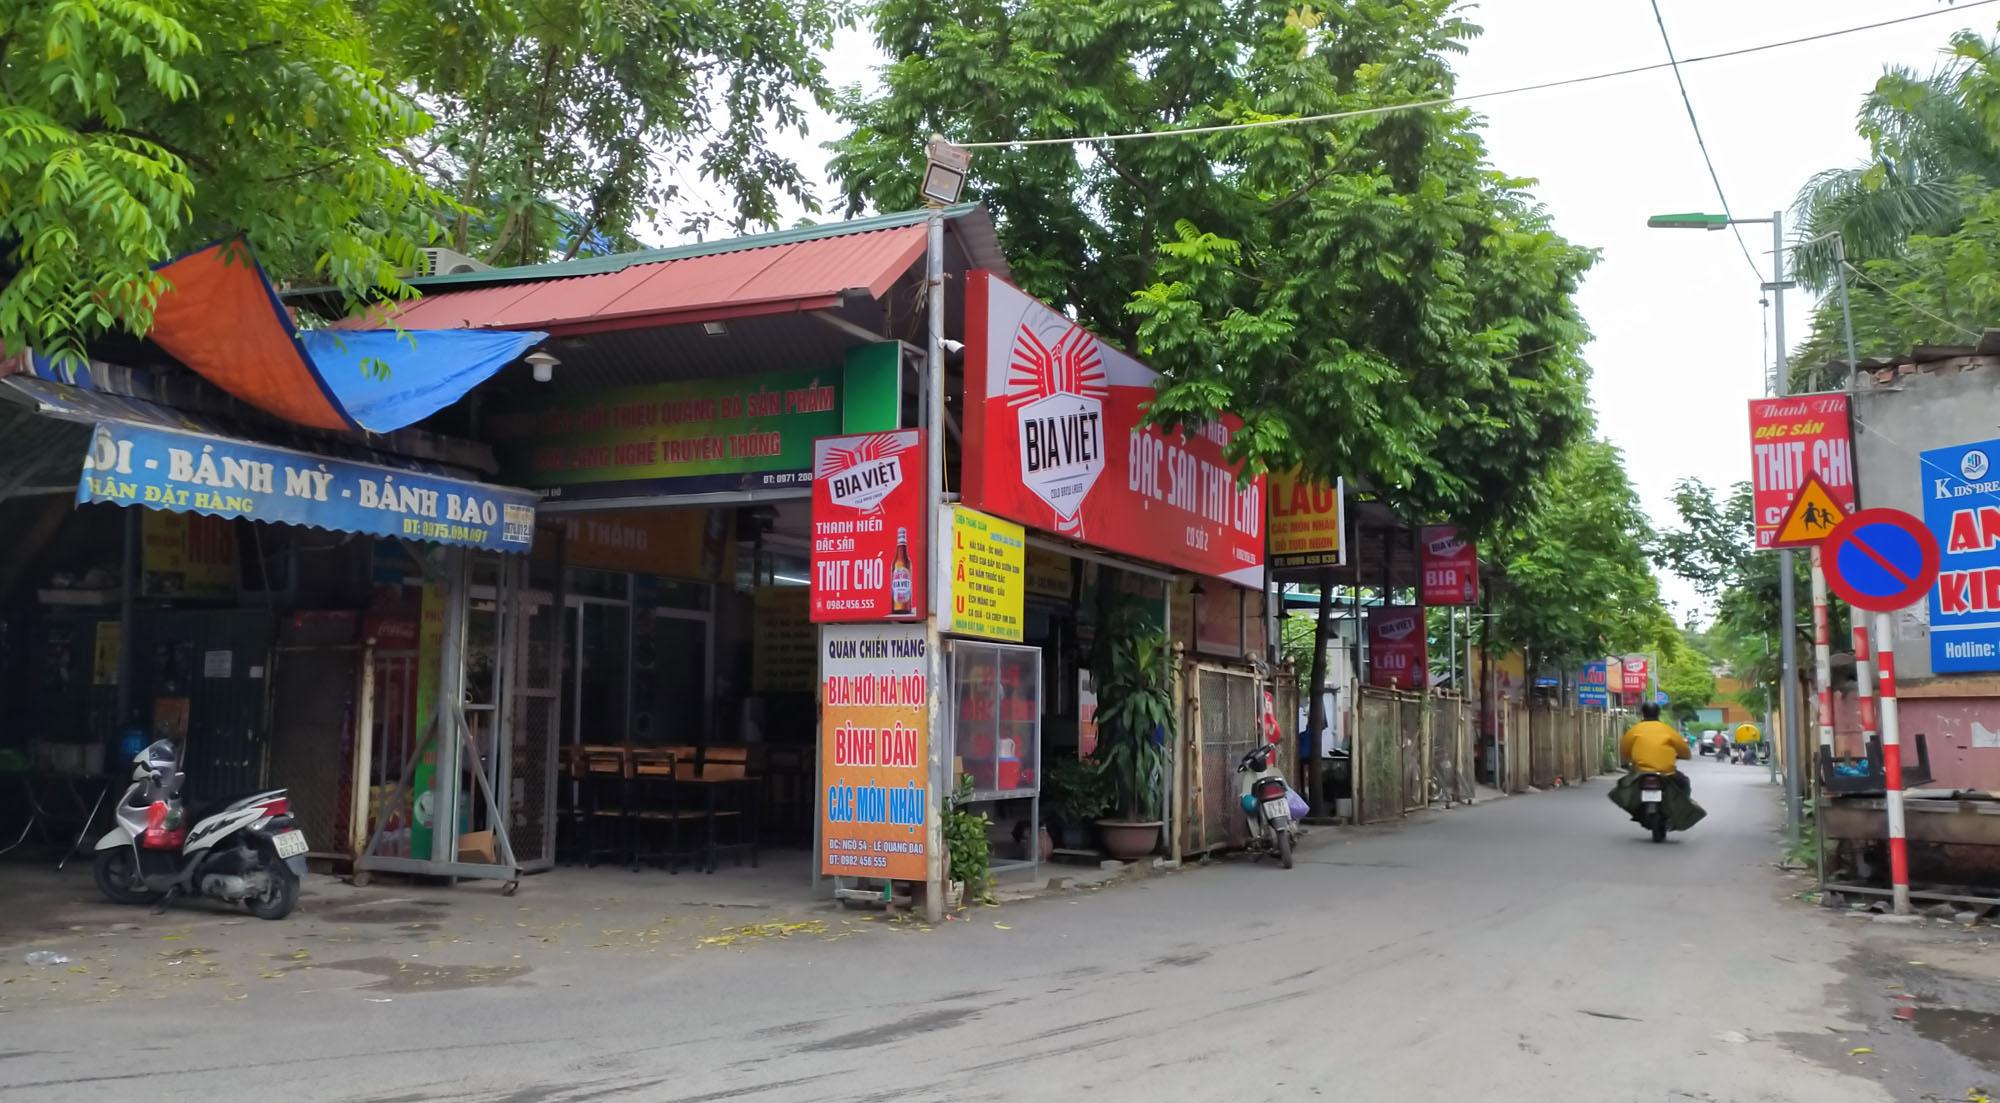 Những mảnh đất chưa sử dụng theo qui hoạch ở vùng qui hoạch đẹp Keangnam - Ảnh 5.